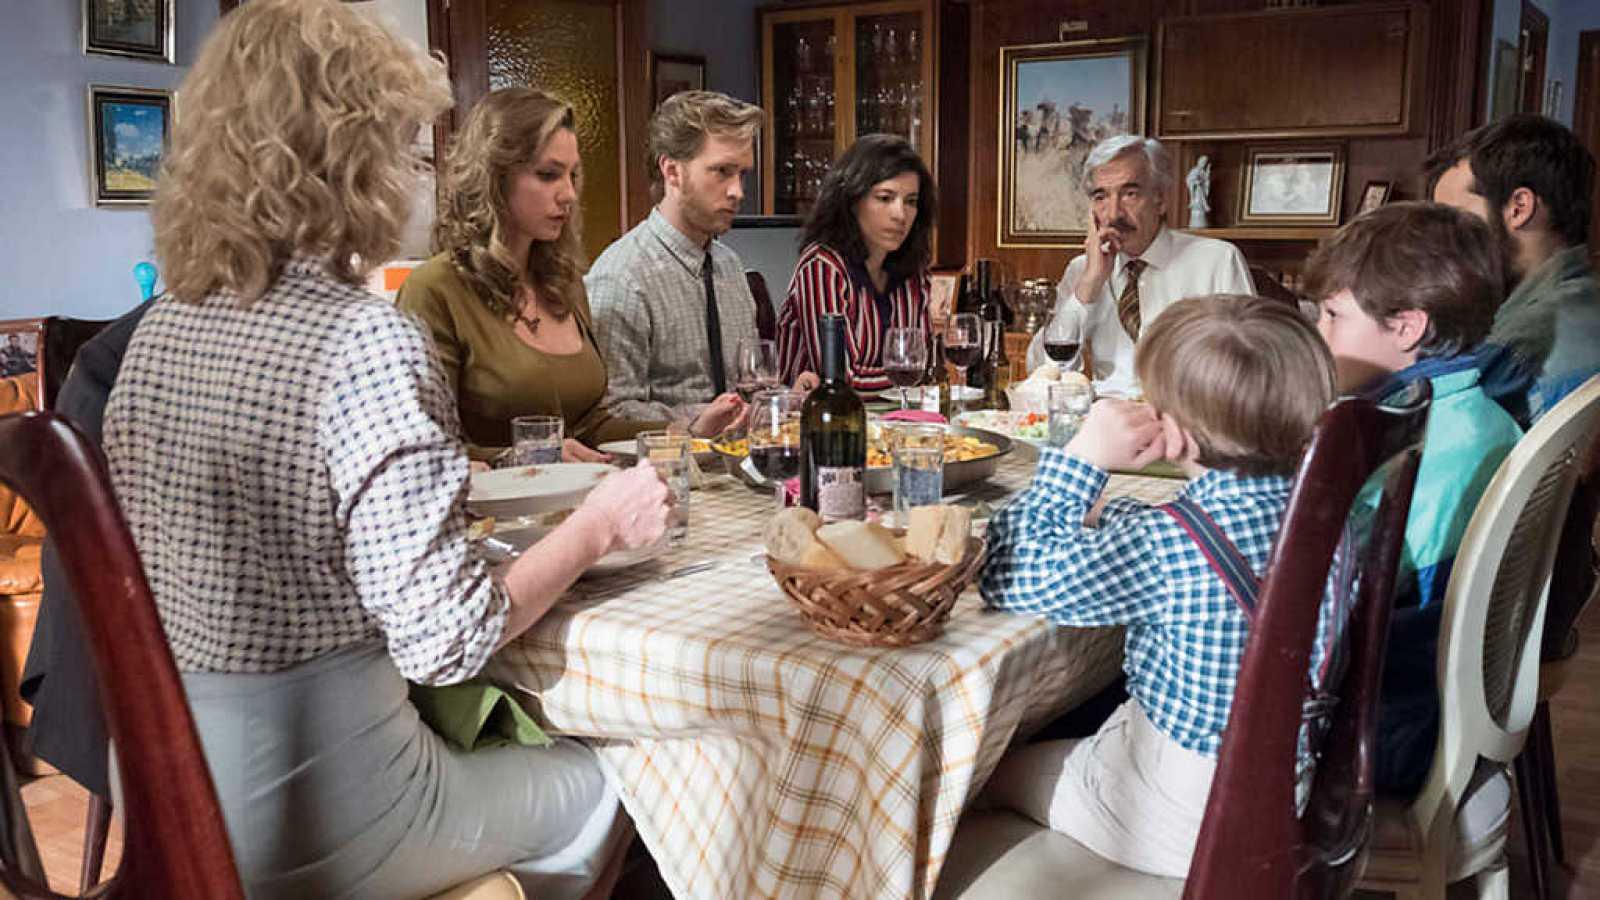 Las cenas familiares en cuarentena rompen las reglas (Cuéntame qué pasó)